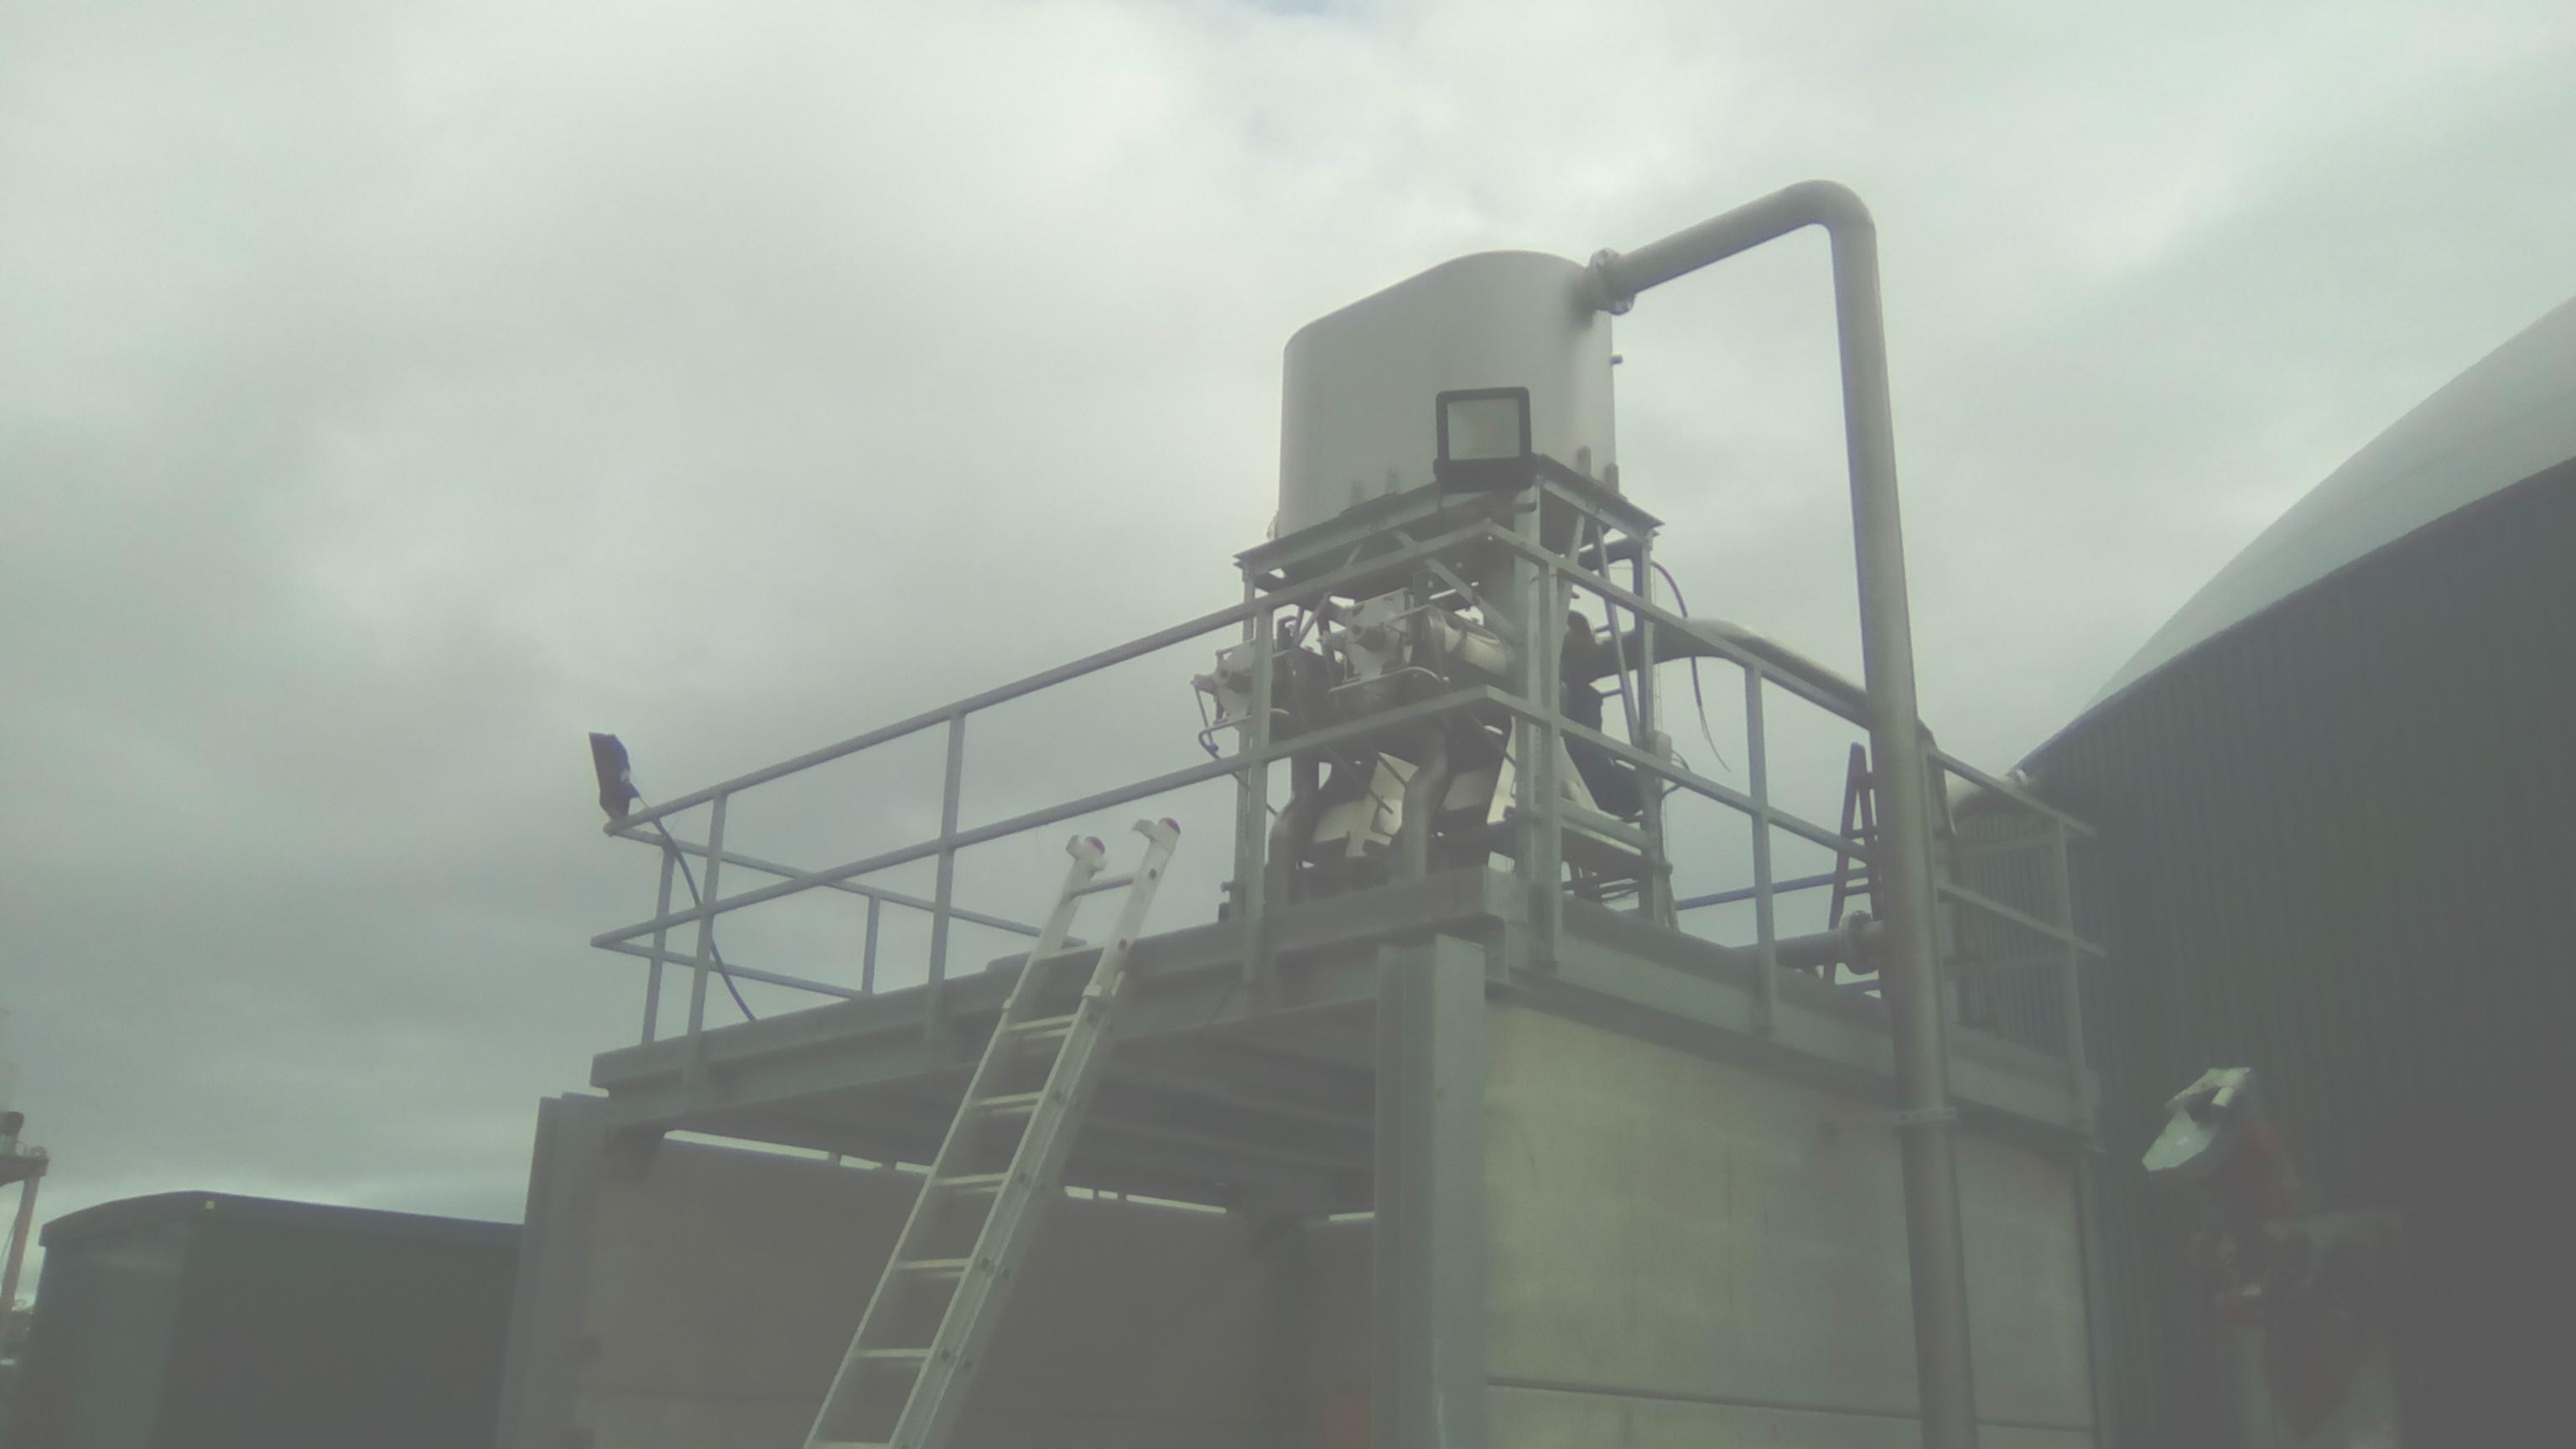 06 Instalación de Separadores y Plataforma-Planta de Biogás de 1MW en Stracathro Reino Unido